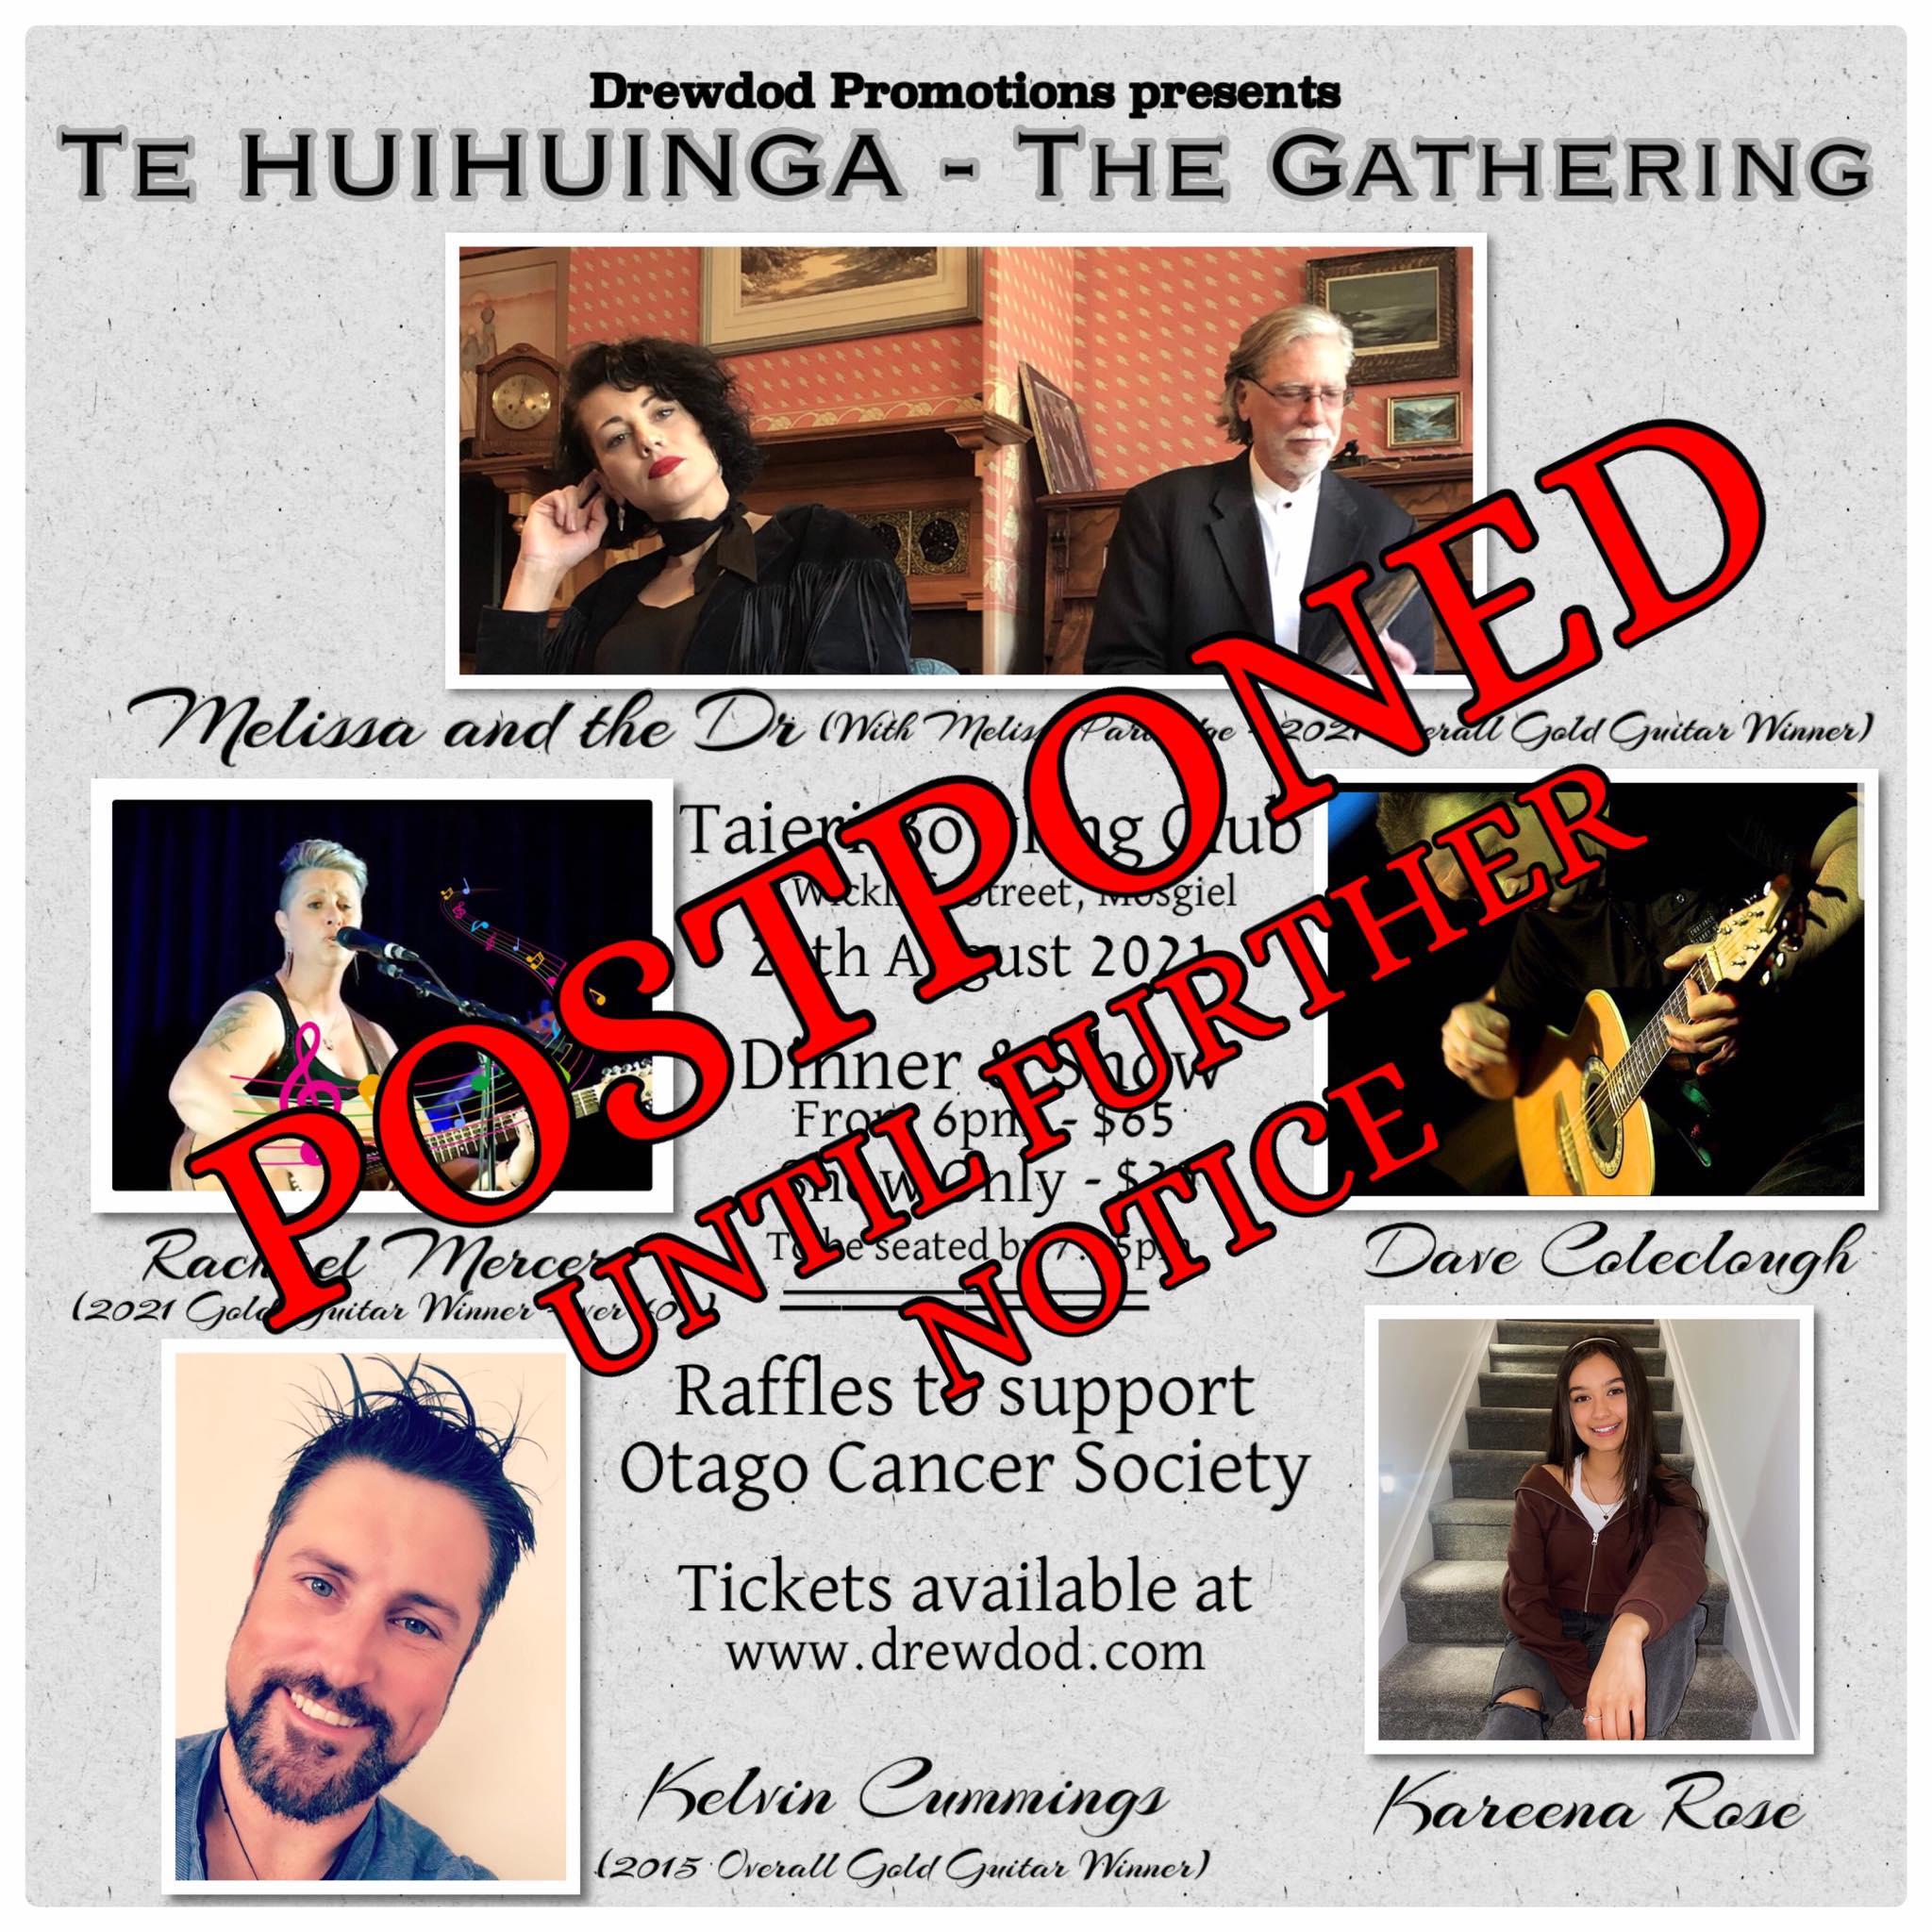 Te Huihuinga Postponement